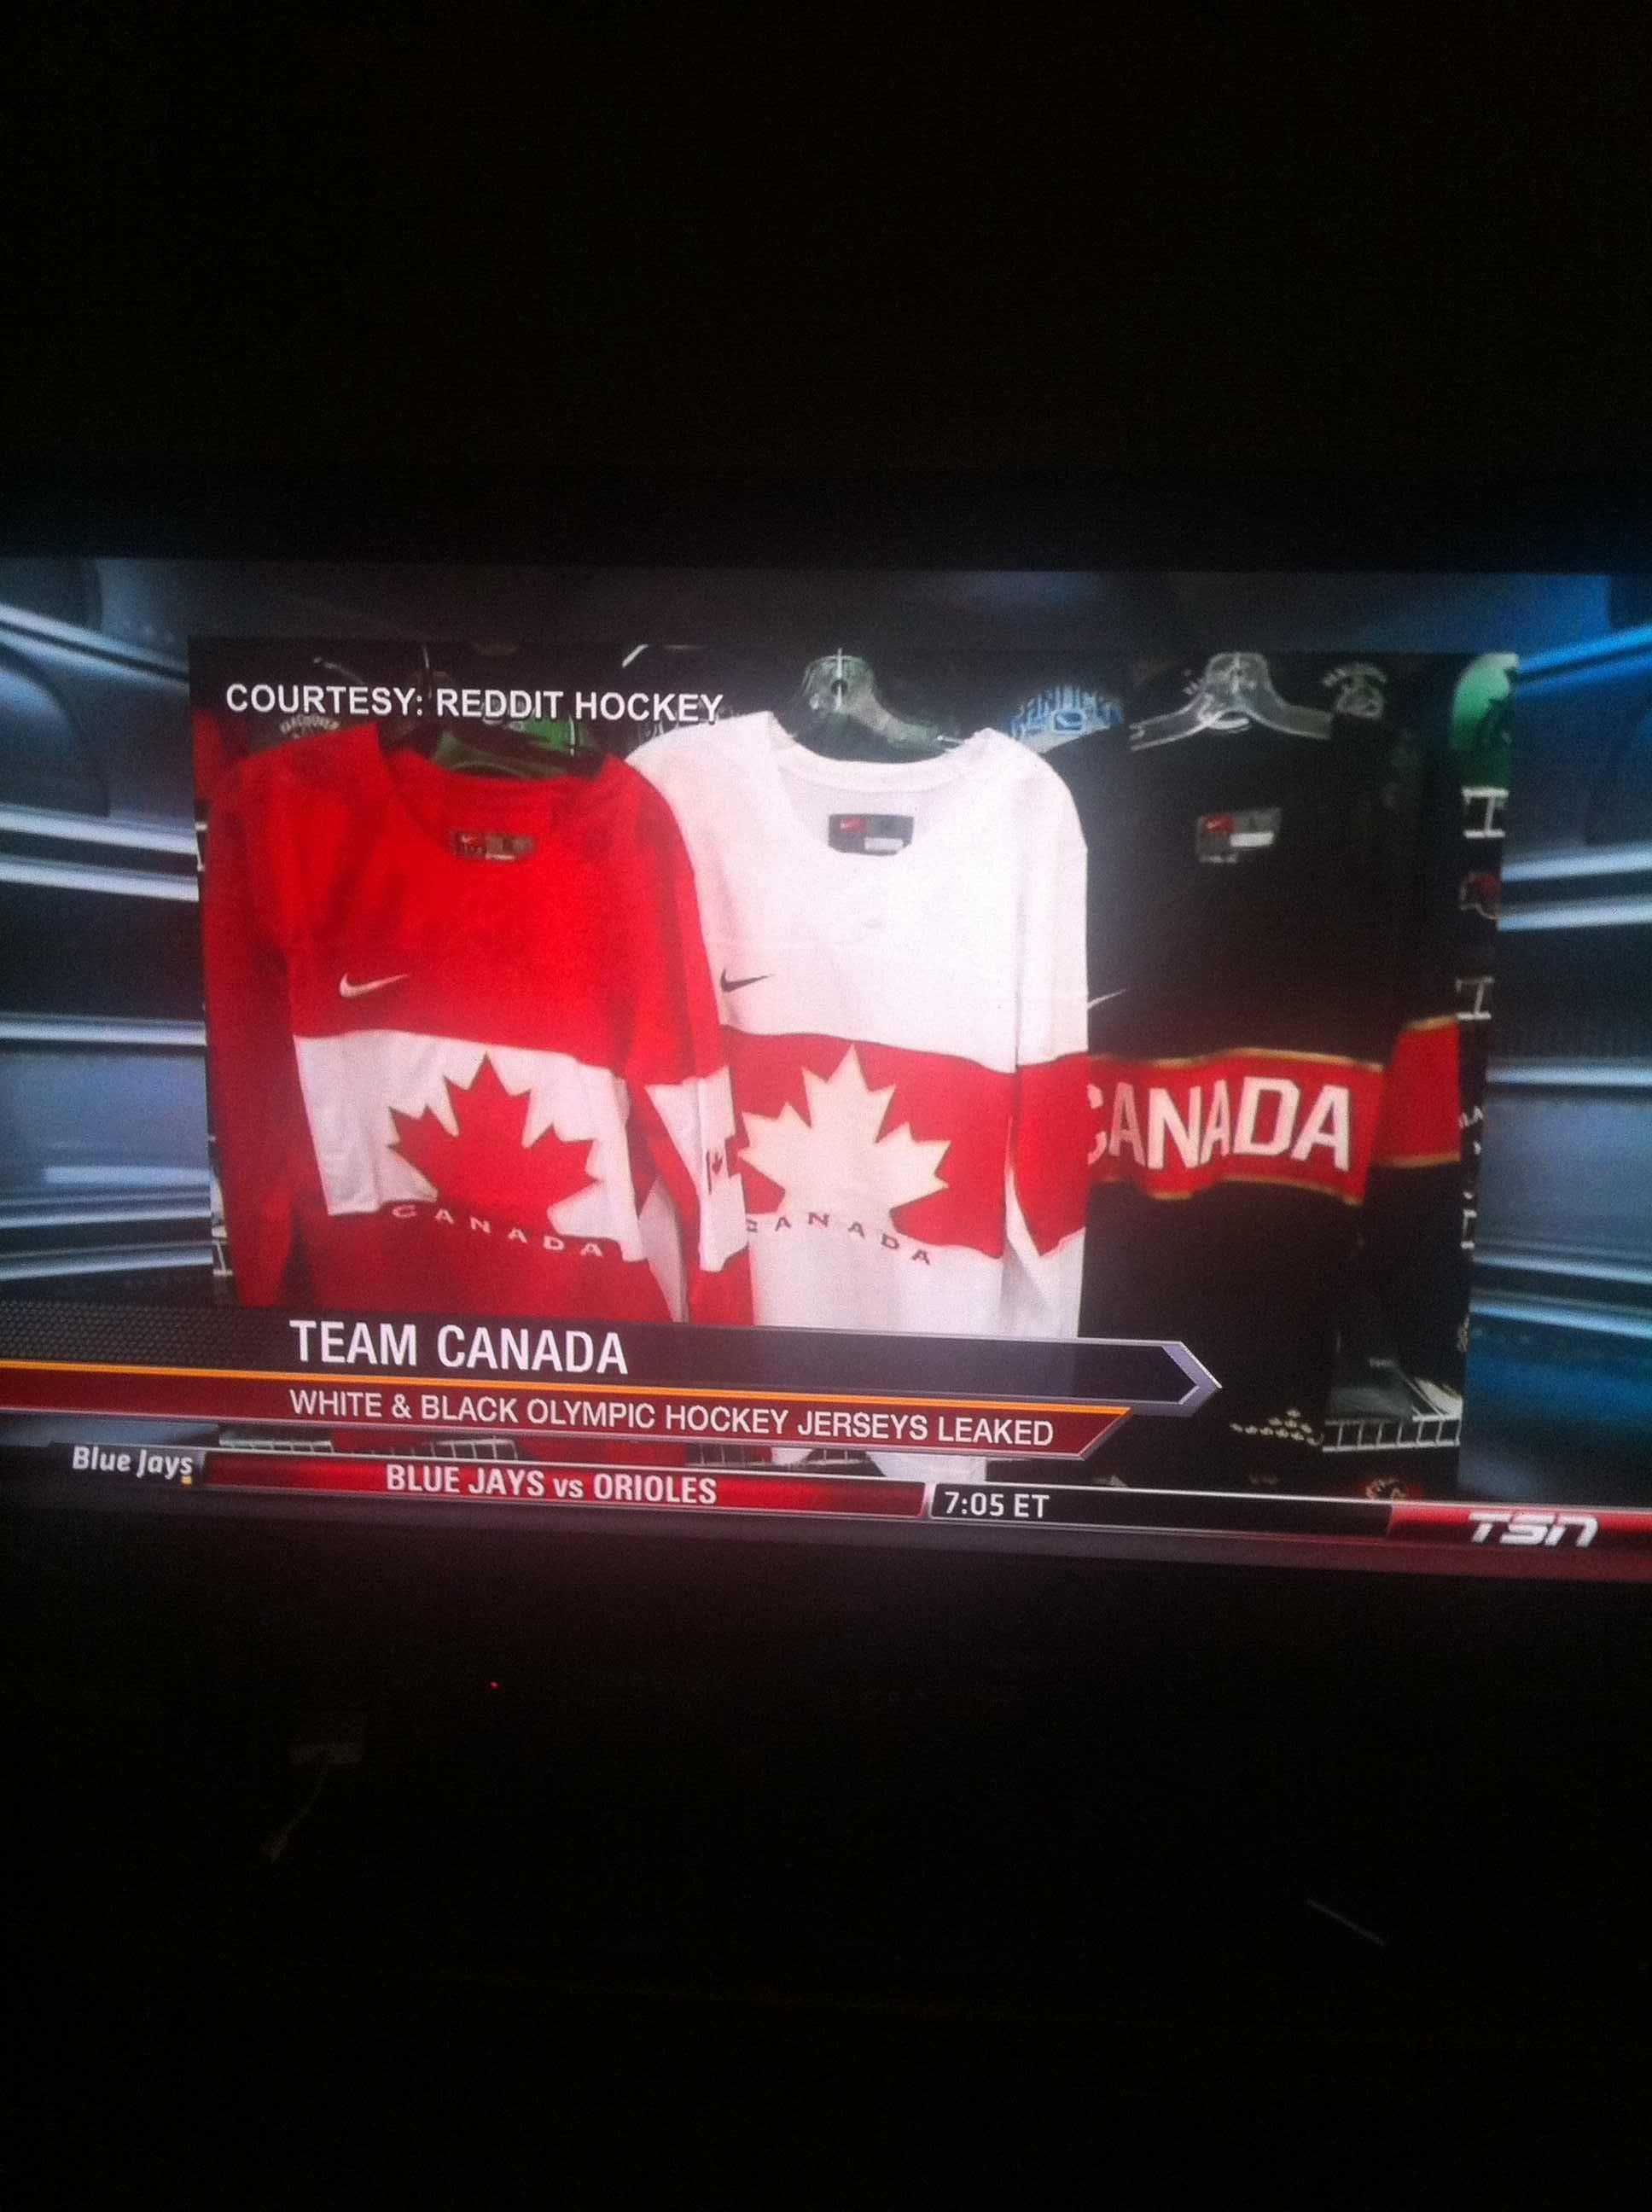 Hockey jerseys credited to Reddit hockey